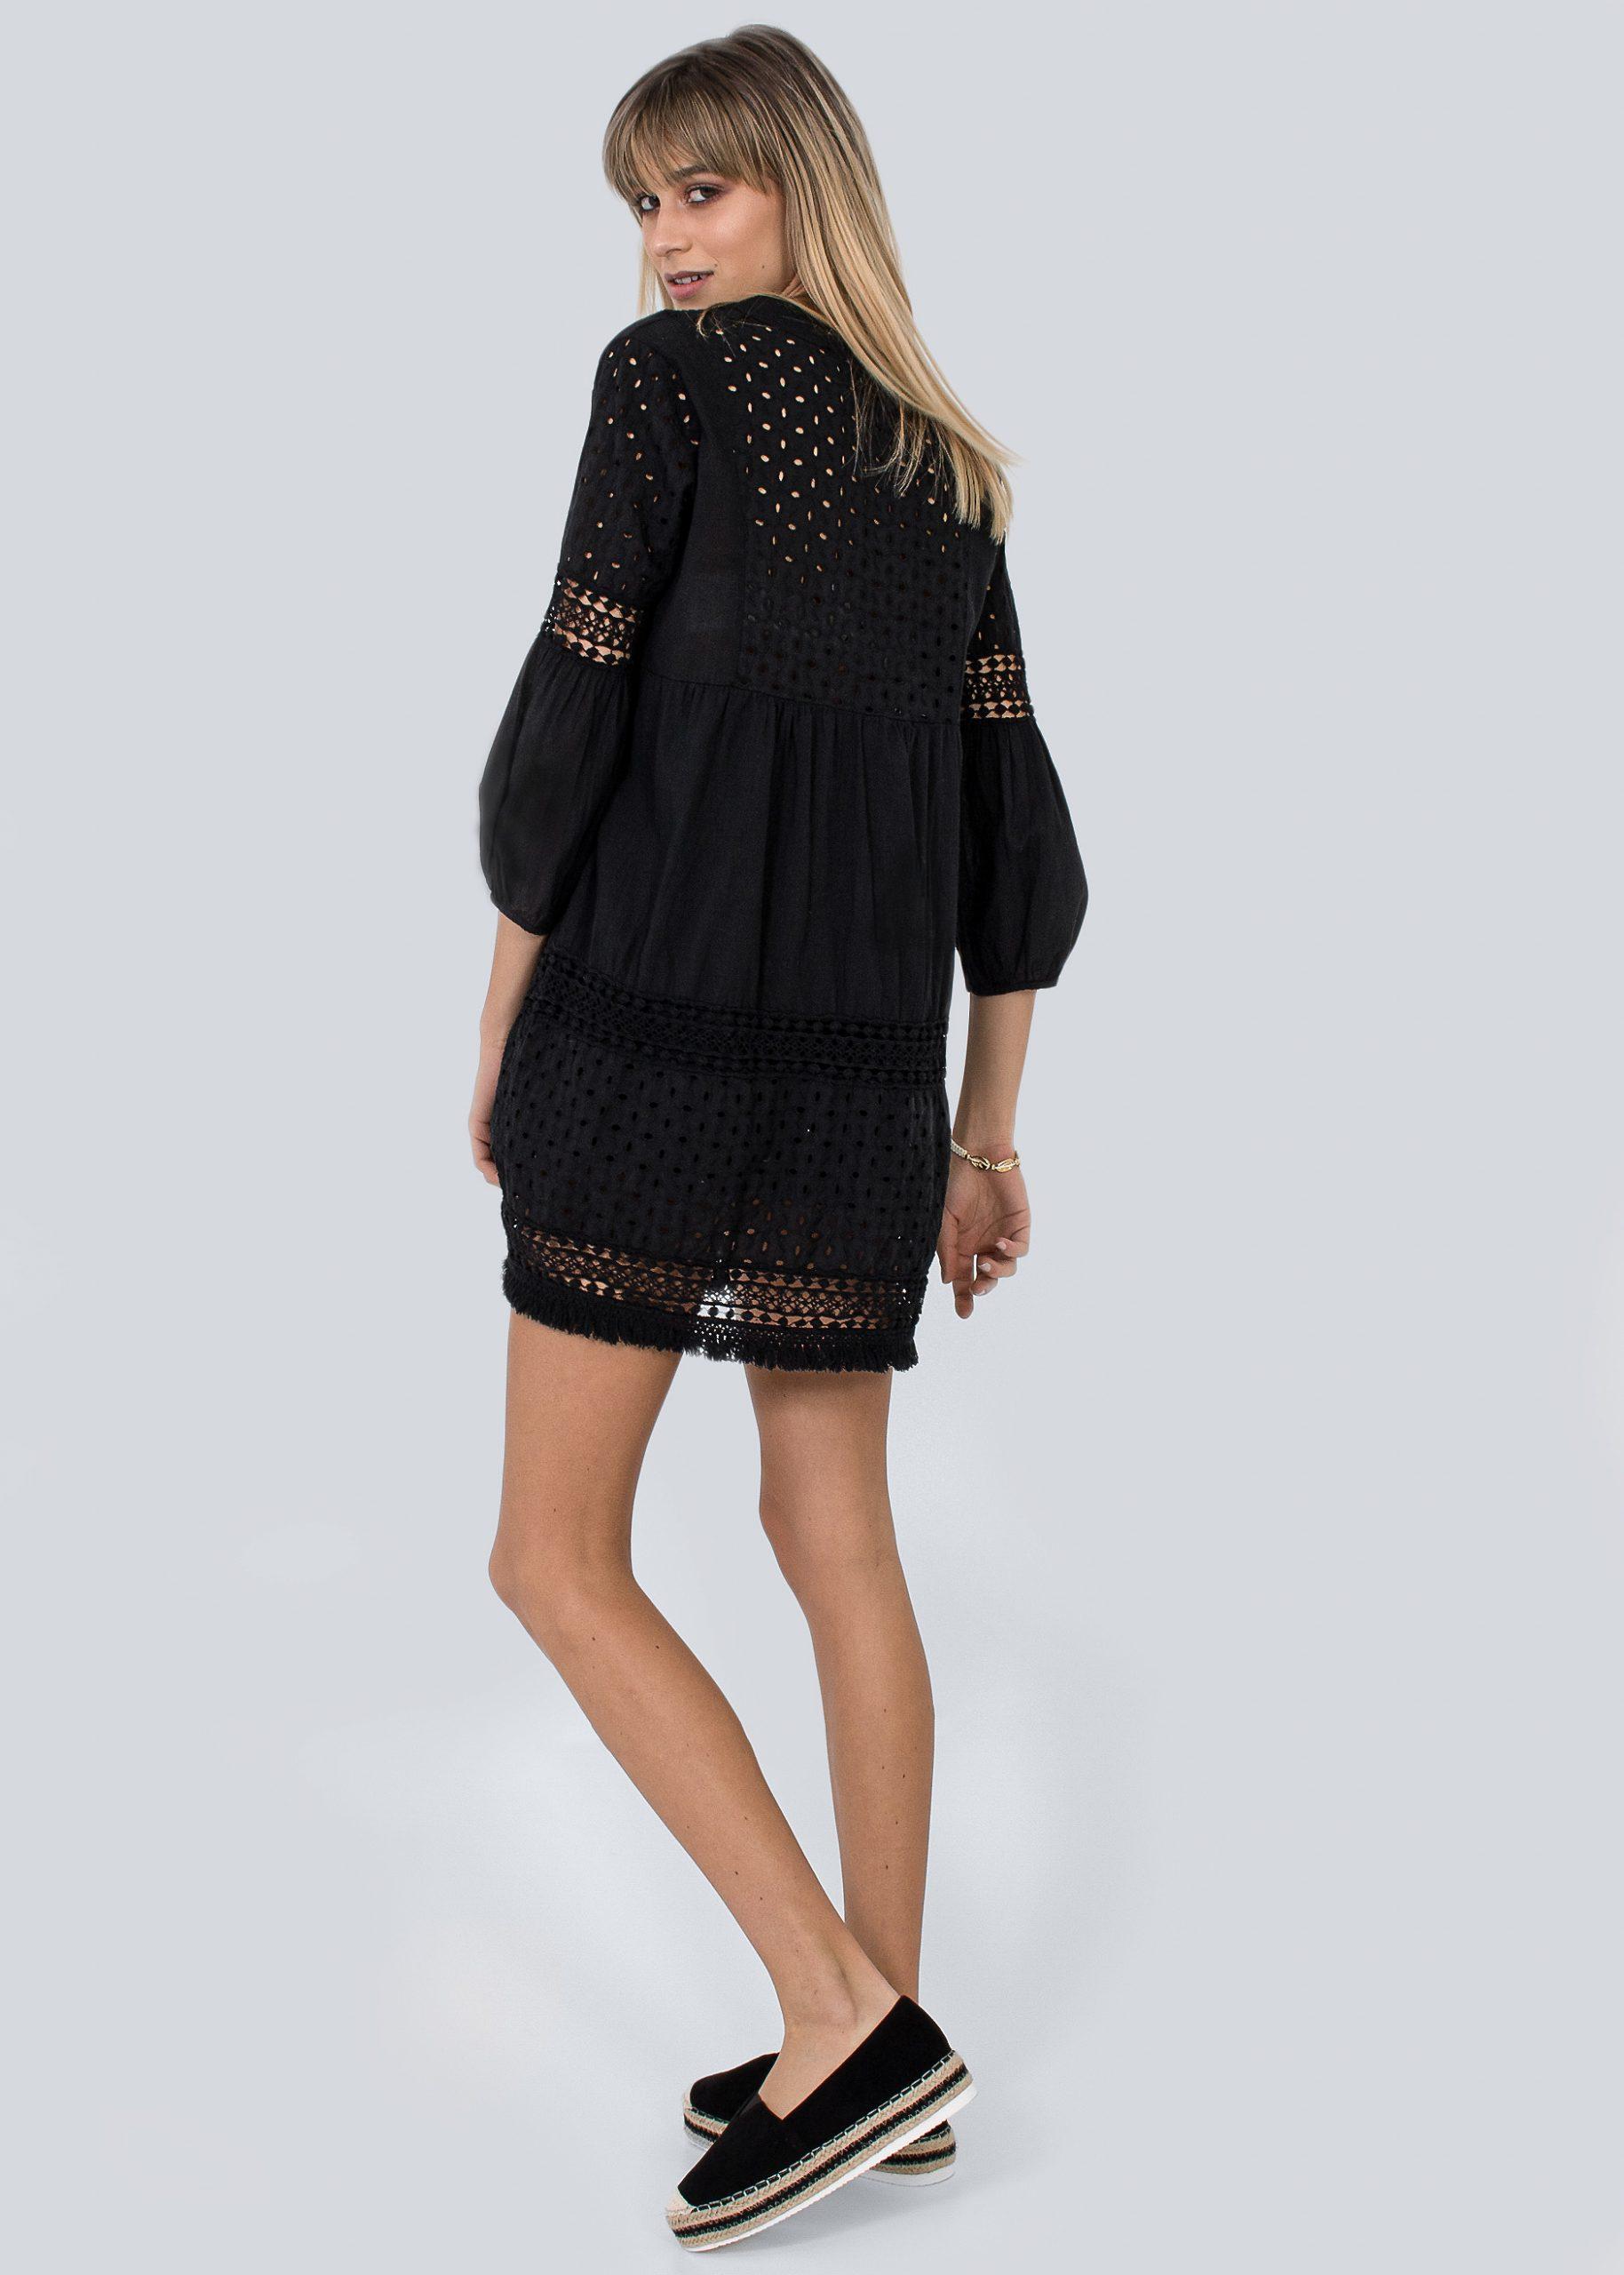 Baumwollkleid Mit Spitze Schwarz  Kleider  Bekleidung